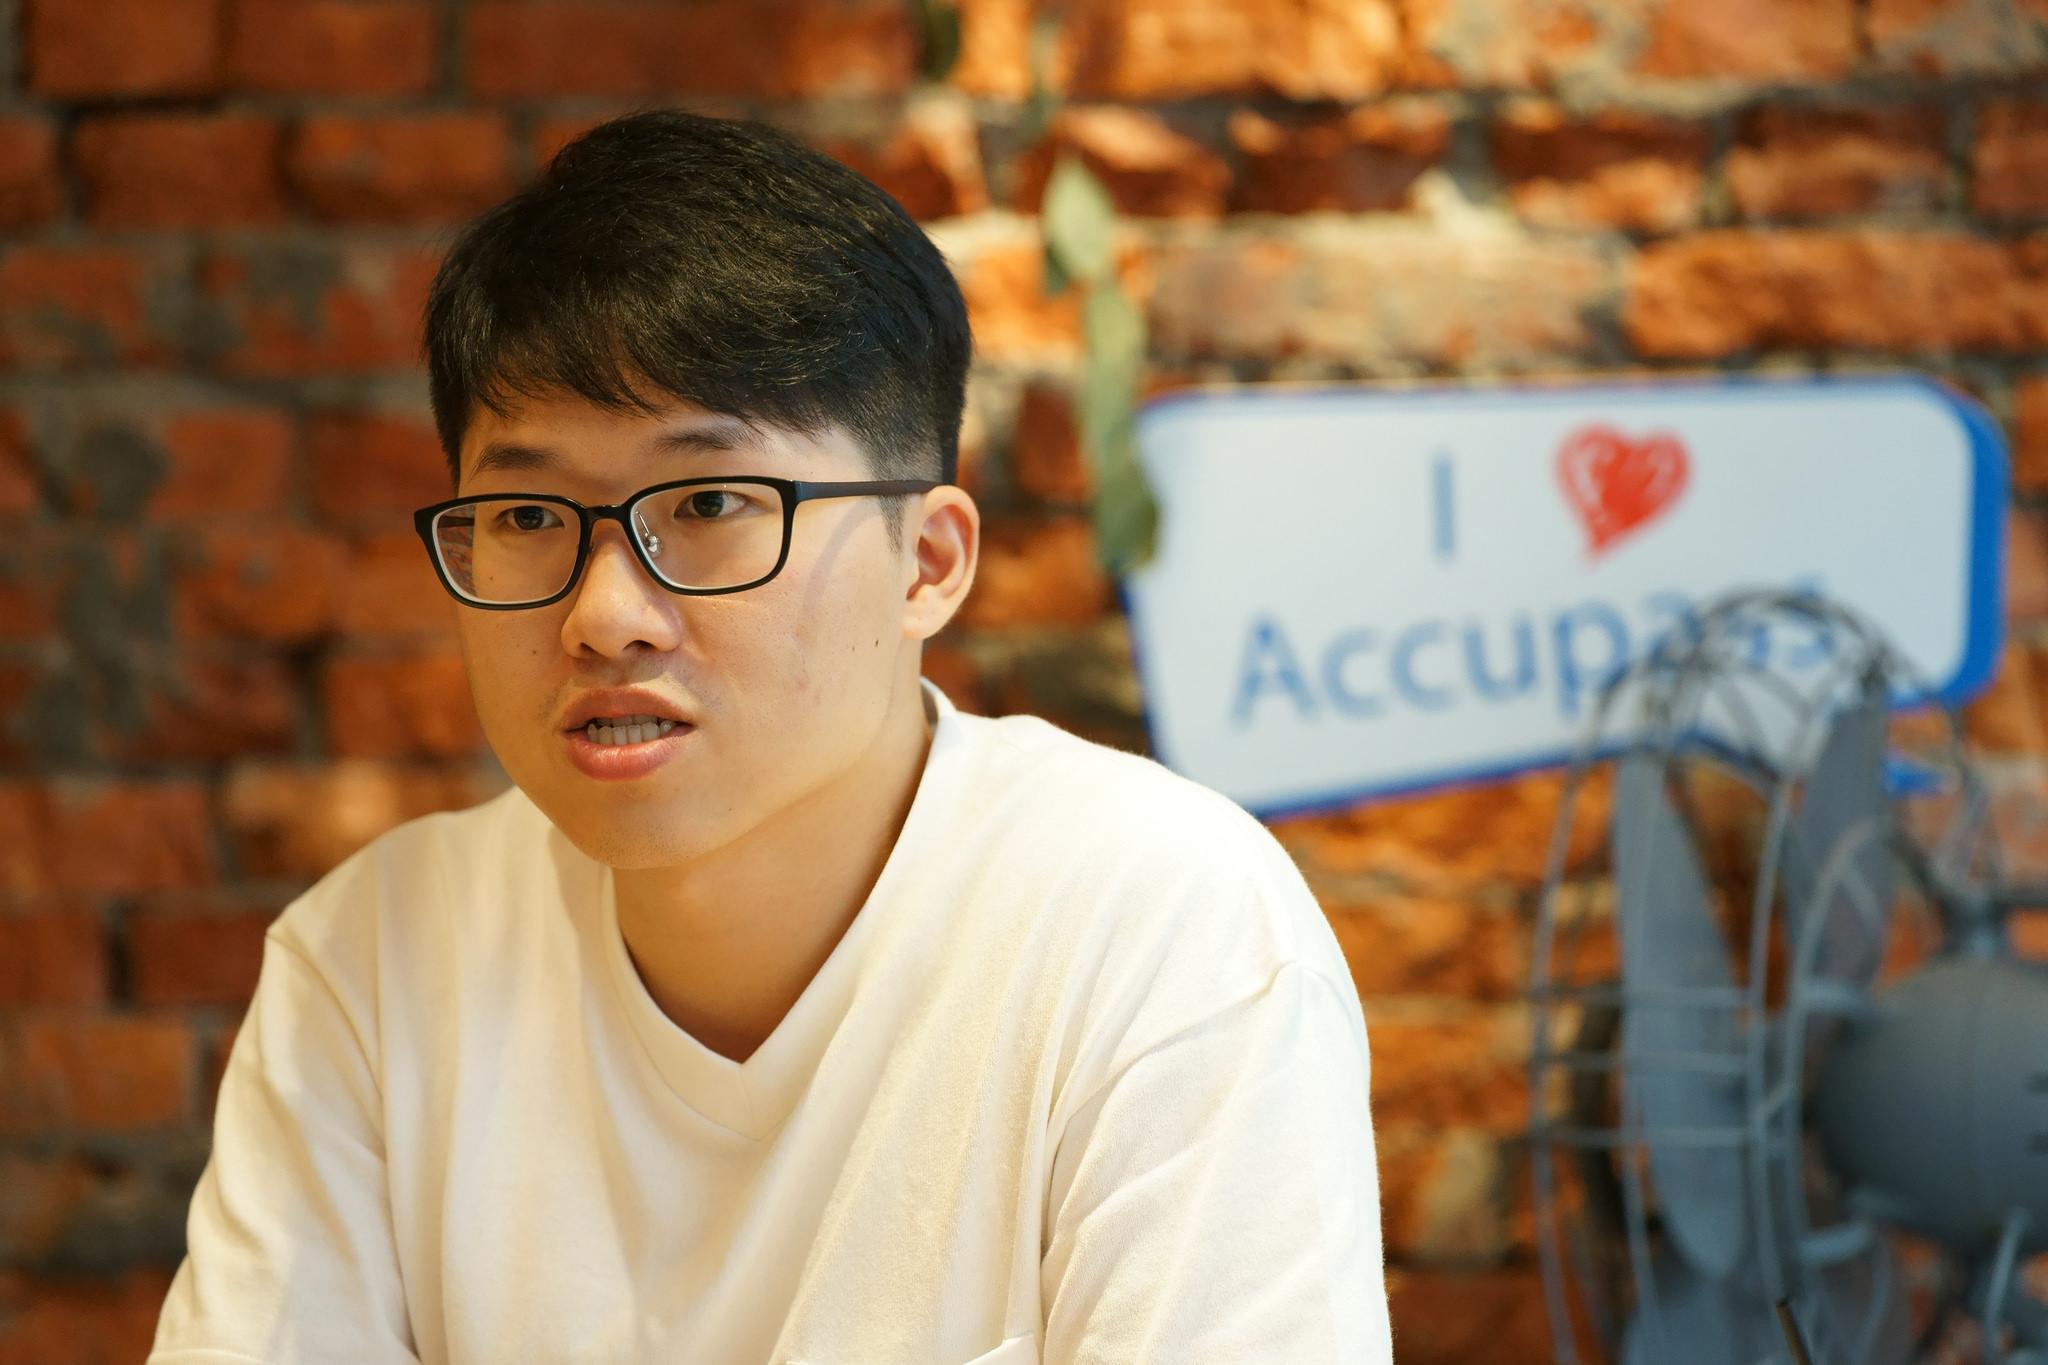 【生活誌專訪】美感細胞計畫 共同創辦人 – 陳慕天。一段透過「美感教科書」改變全台灣的故事!